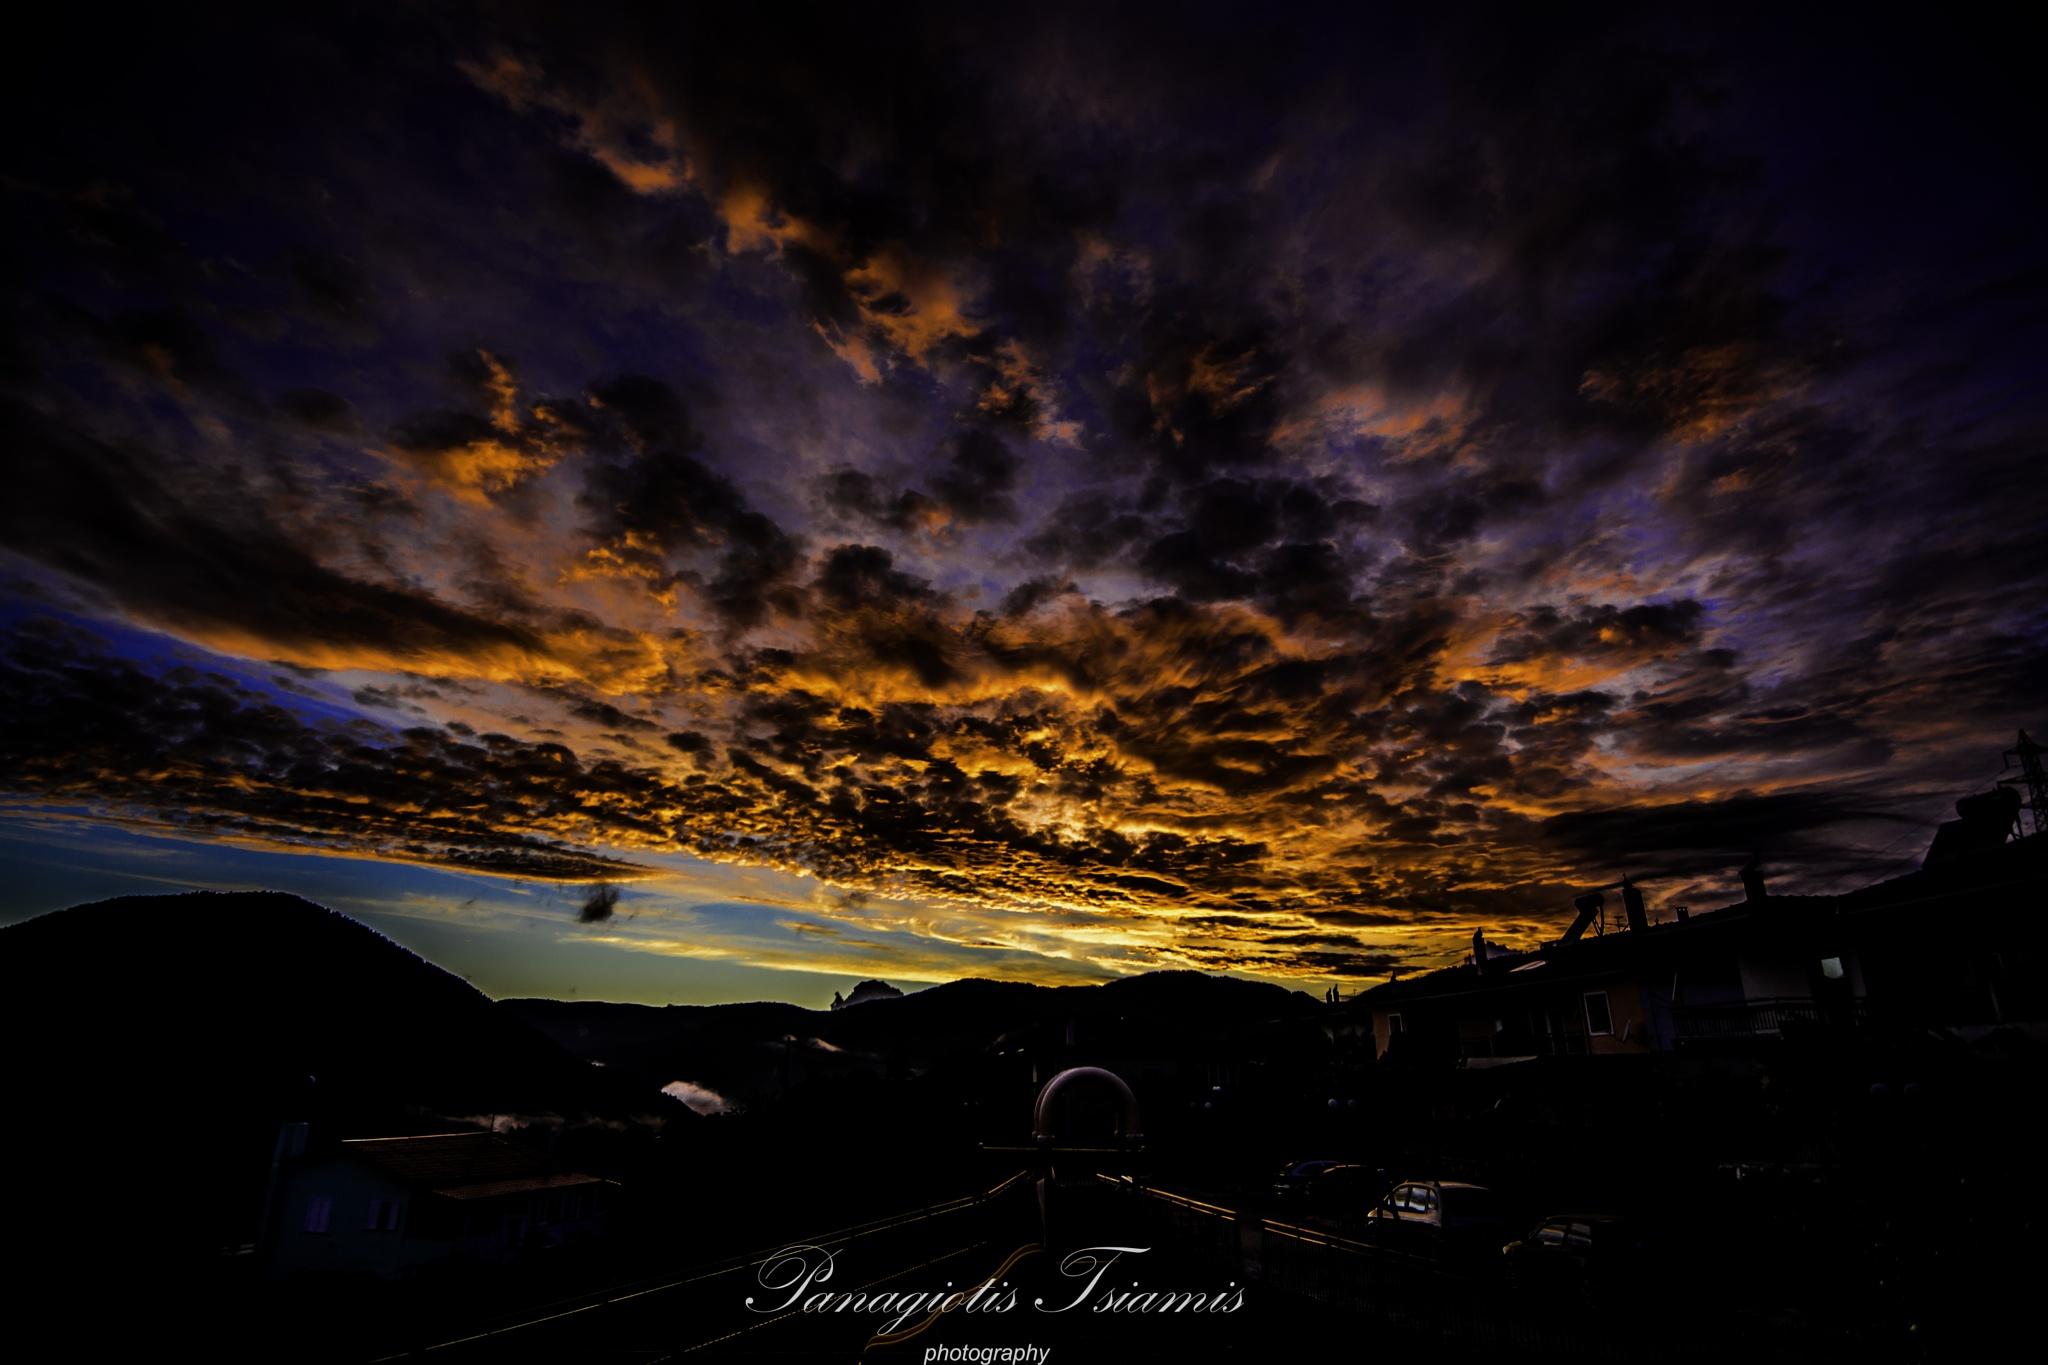 sunset by pan_ts